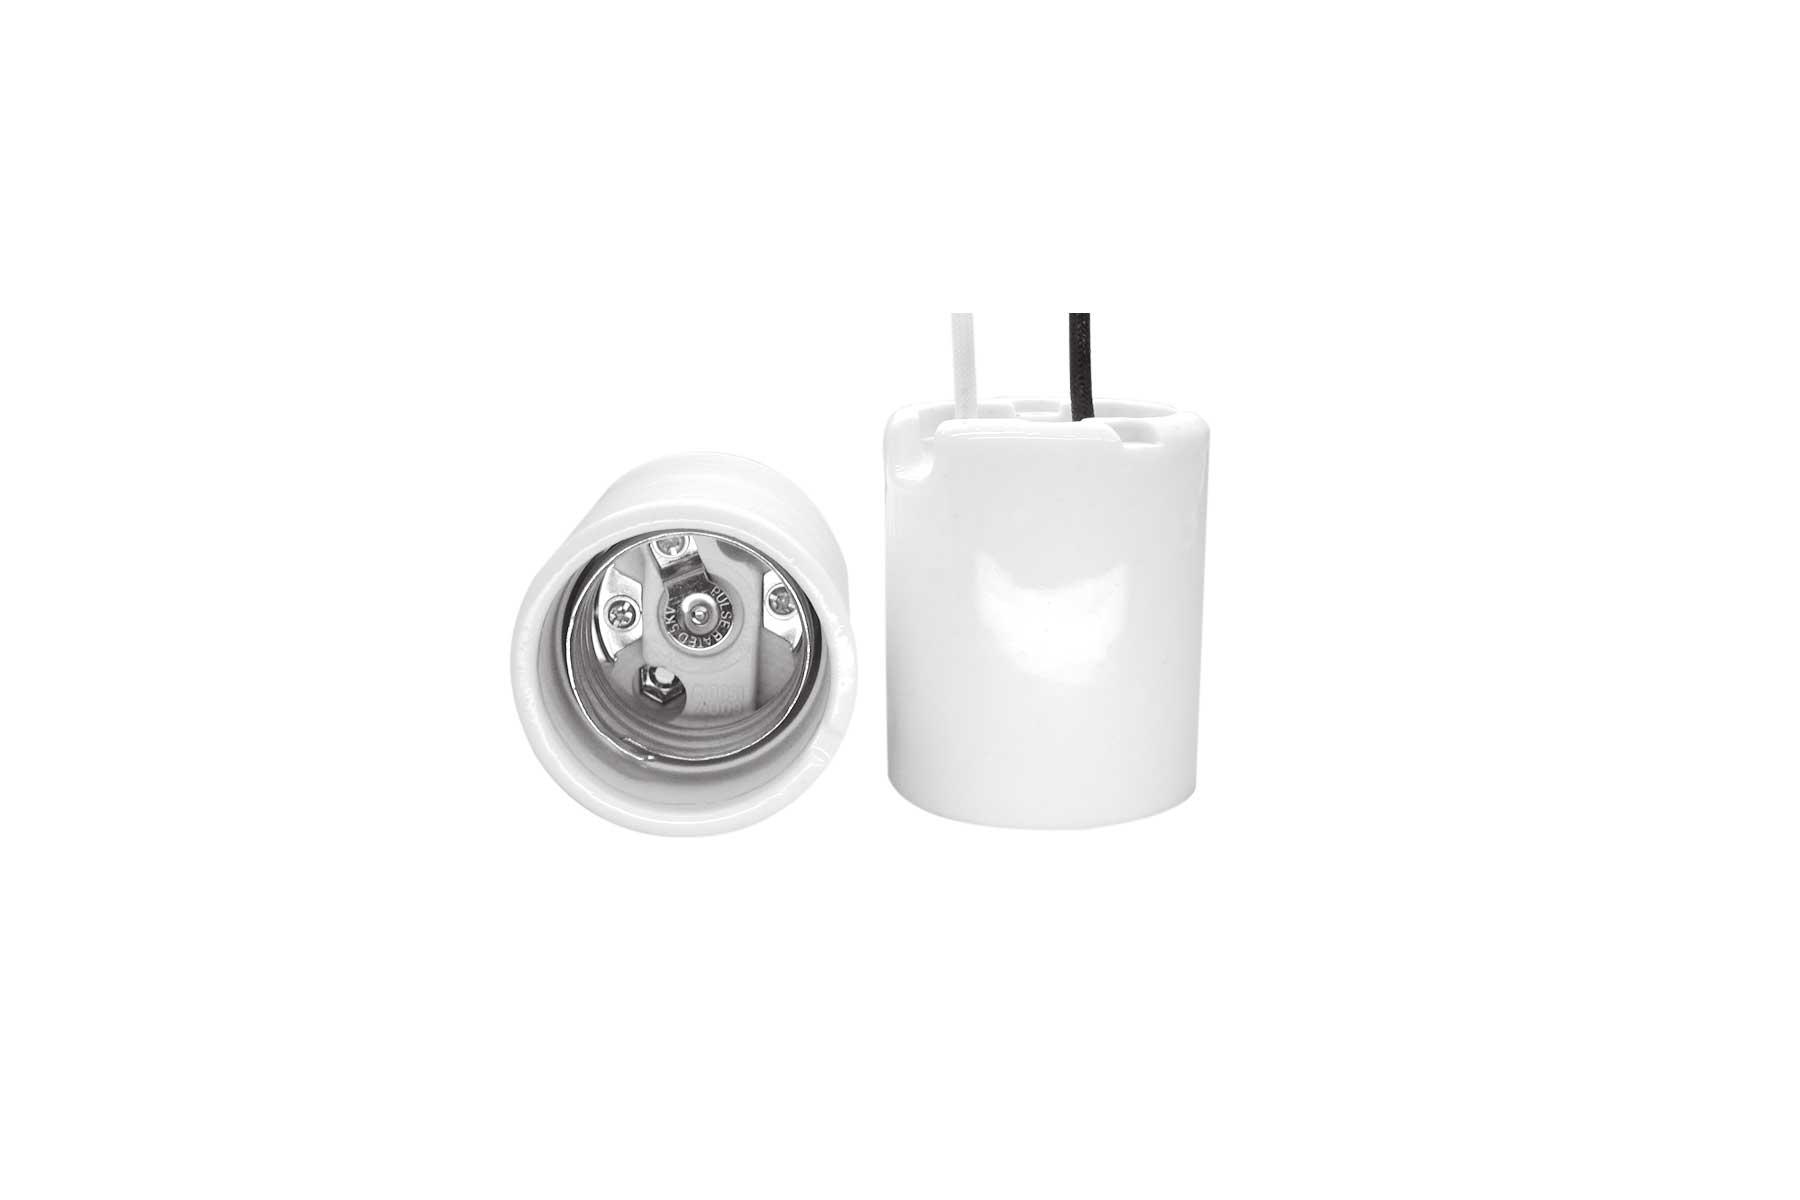 5KV Pulse Rated Mogul Base Position Oriented Porcelain Incandescent Light Socket